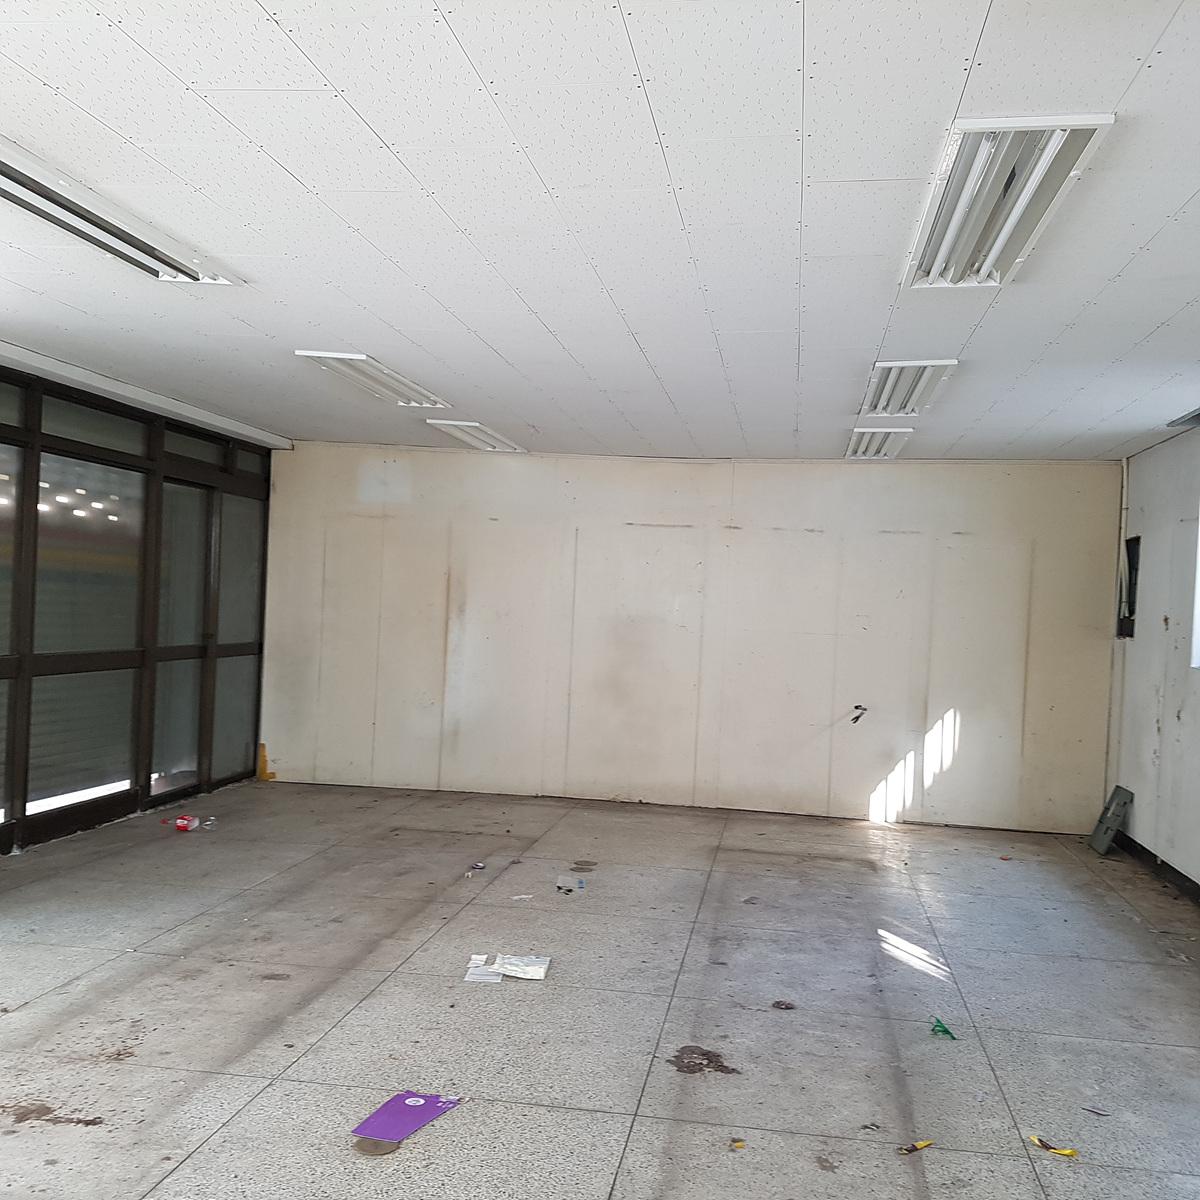 2 번째 사진 판매시설 에  연면적117 ㎡ 부산광역시 해운대구 우동 천장 텍스 및 지붕 슬레이트 철거에 관한 석면조사